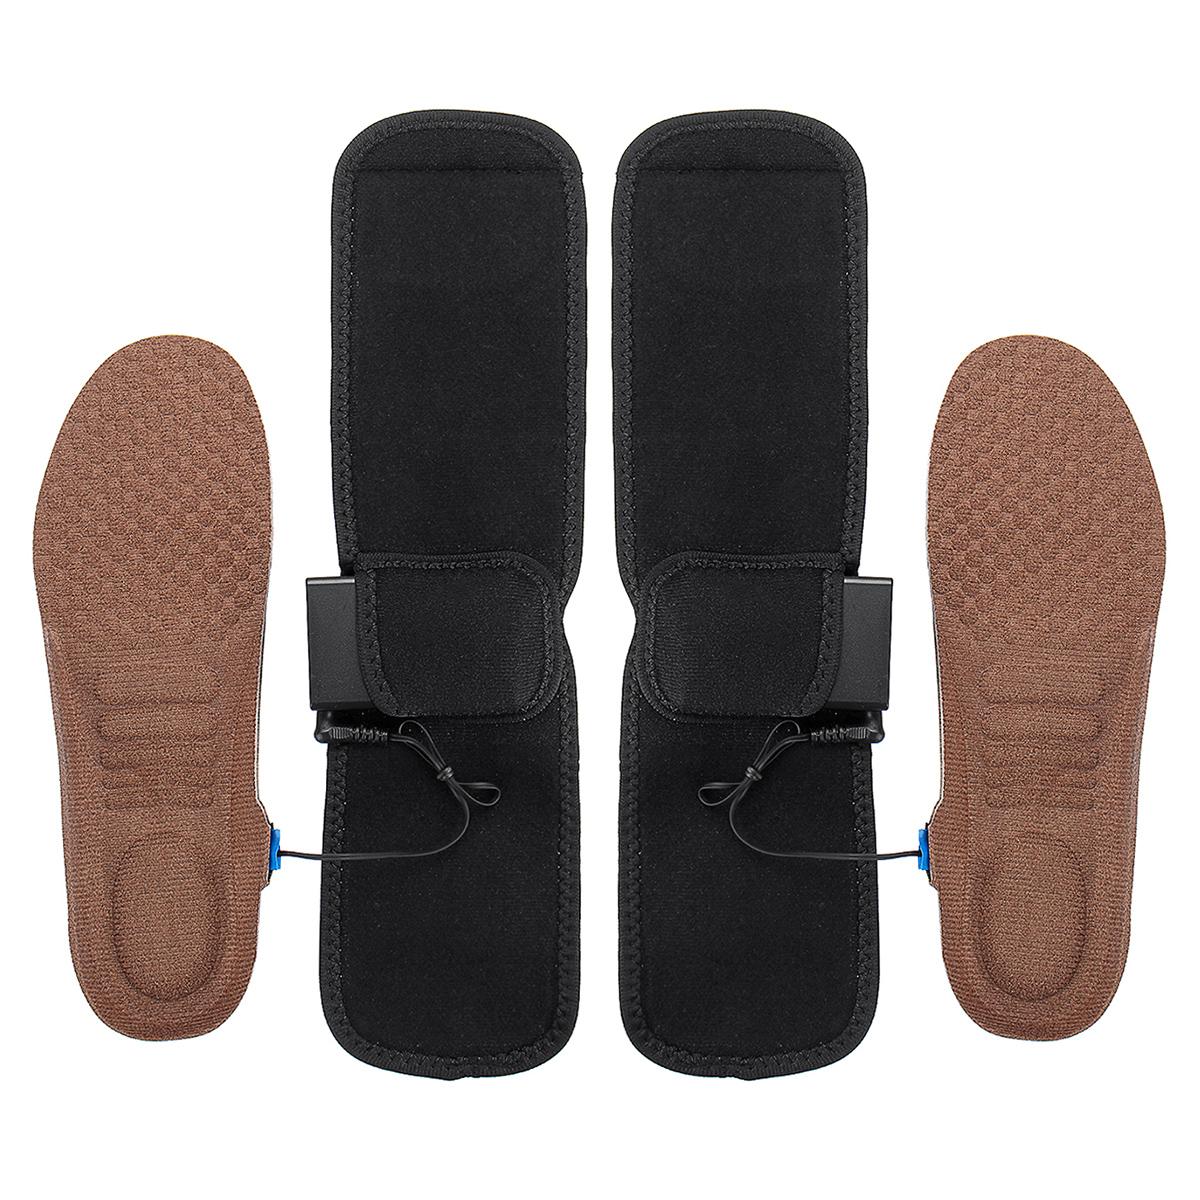 Electric Heated Shoe Insole Sock Feet Heater USB Battery Heat Foot Warmer Pad